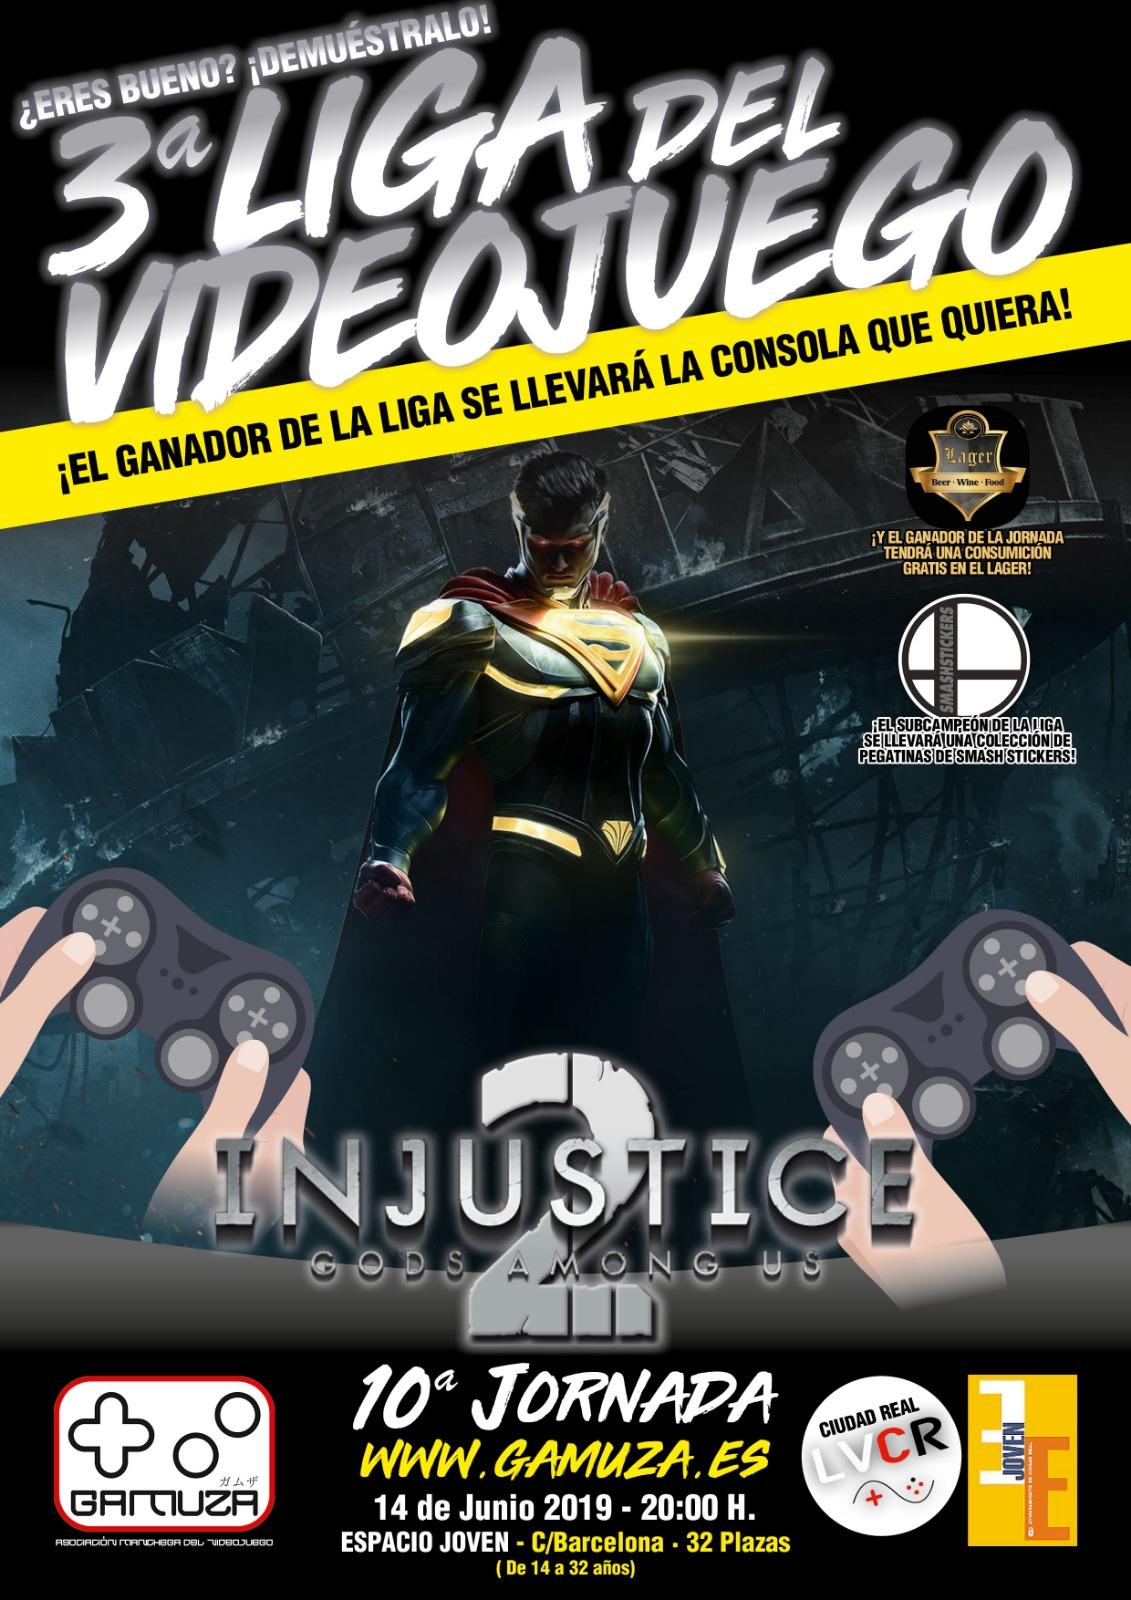 3a-liga-de-videojuegos-ciudad-real-jornada-10